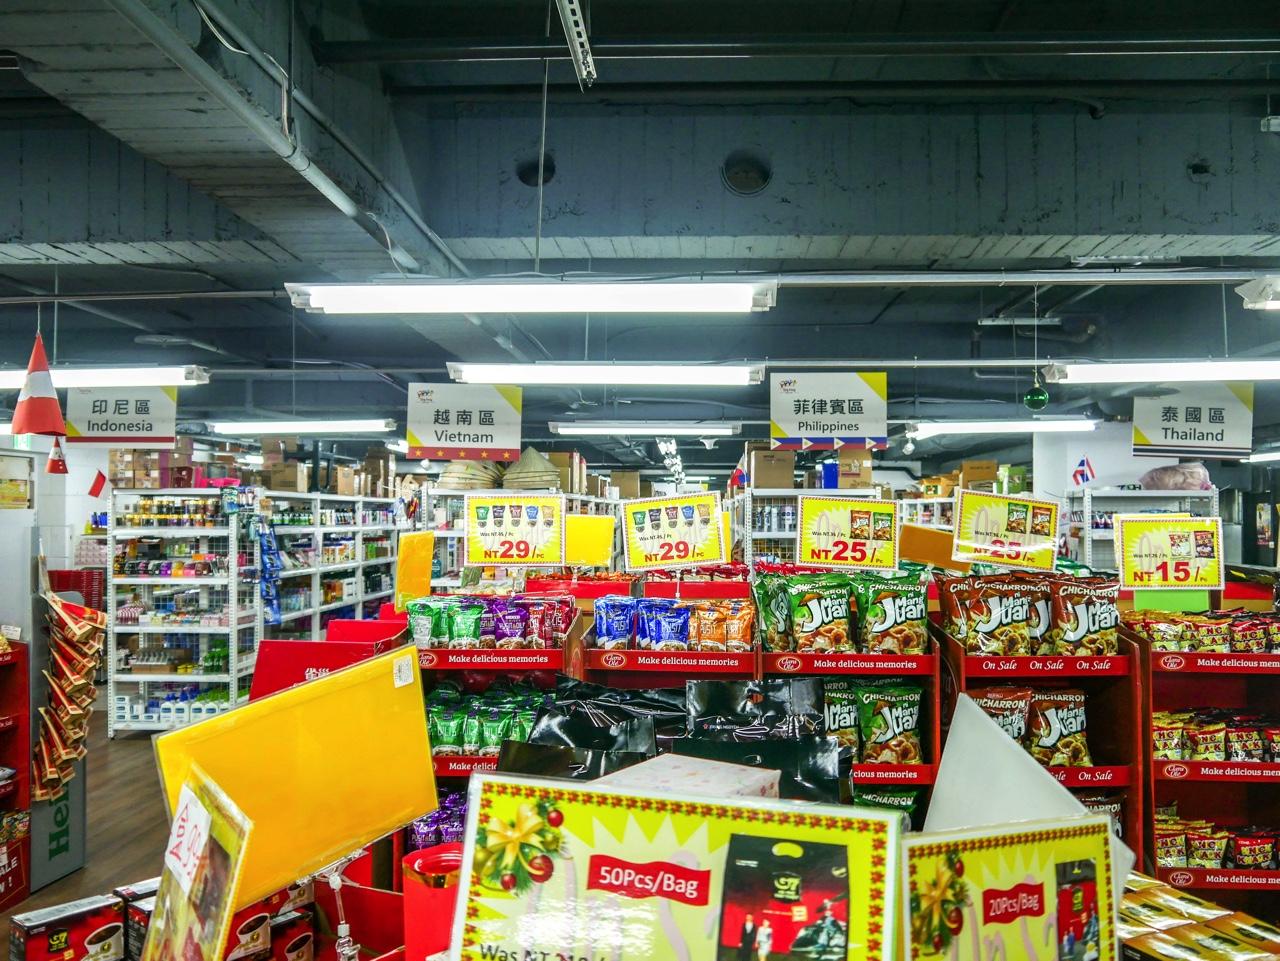 アセアン広場のスーパーマーケット店内